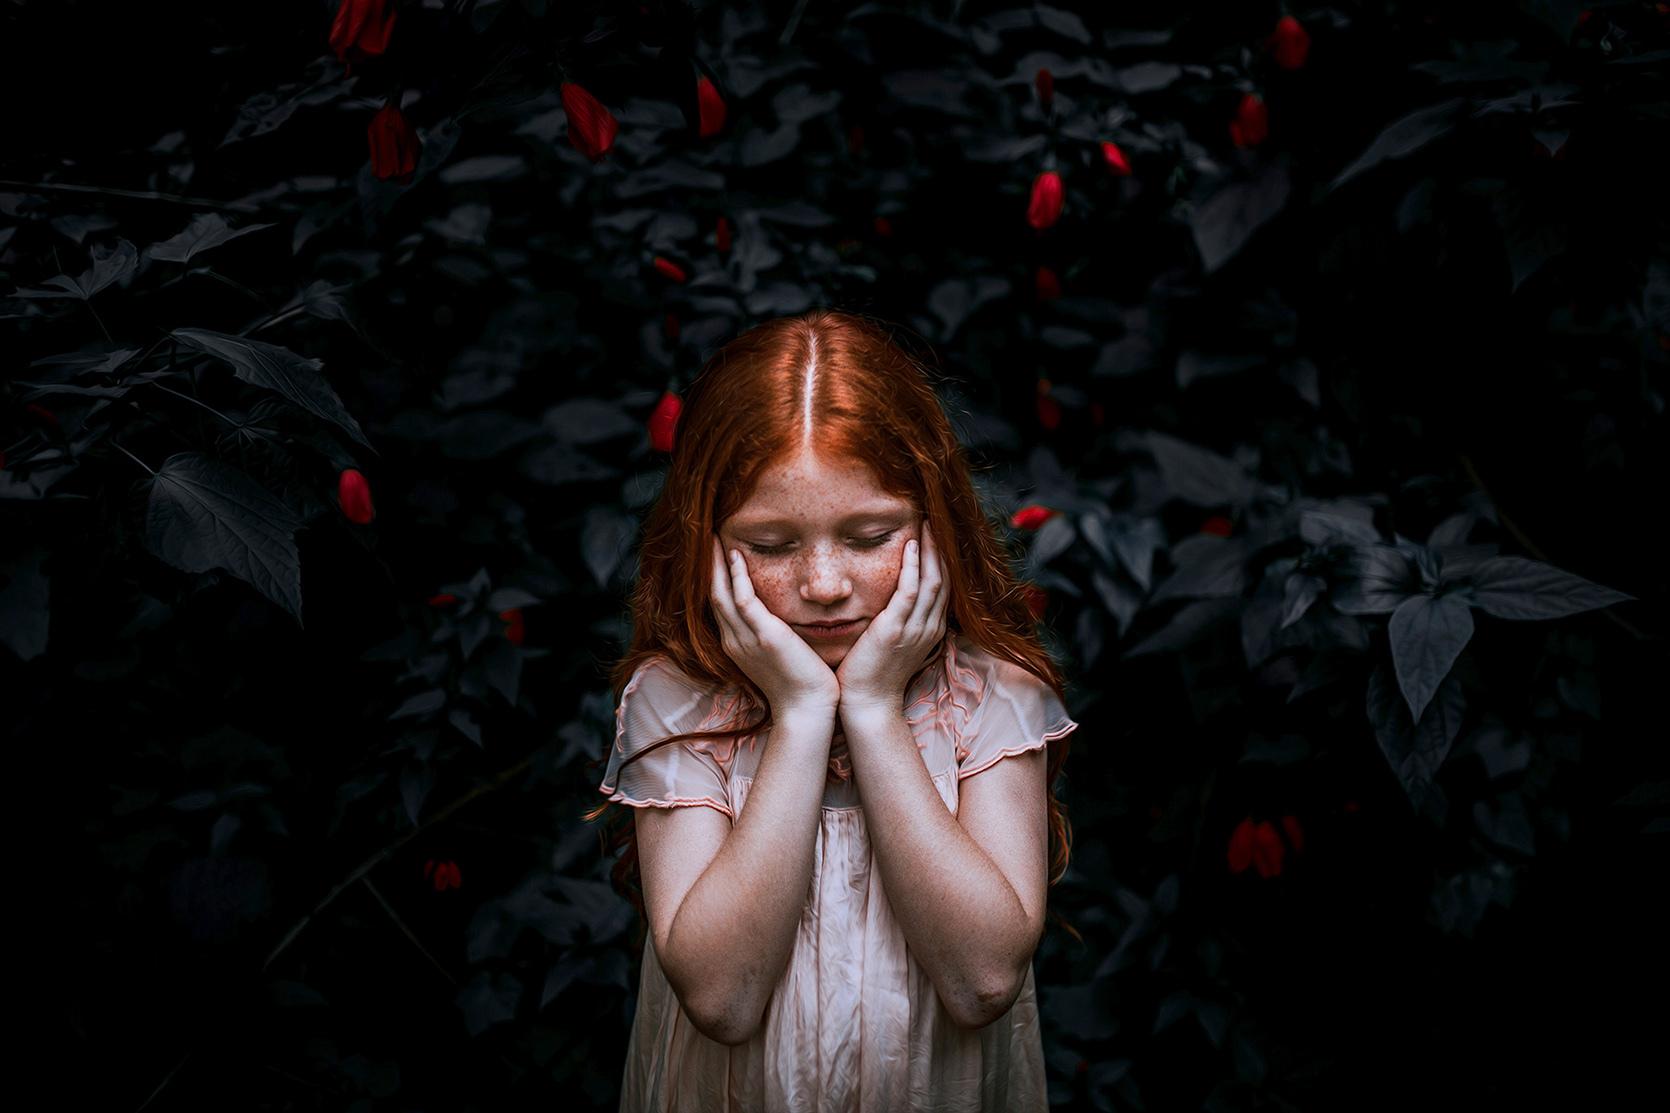 Agnieszka Stein: Gdy dziecko widzi, że rodzic reaguje na jego lęk niepokojem, zaczyna obawiać się jeszcze bardziej